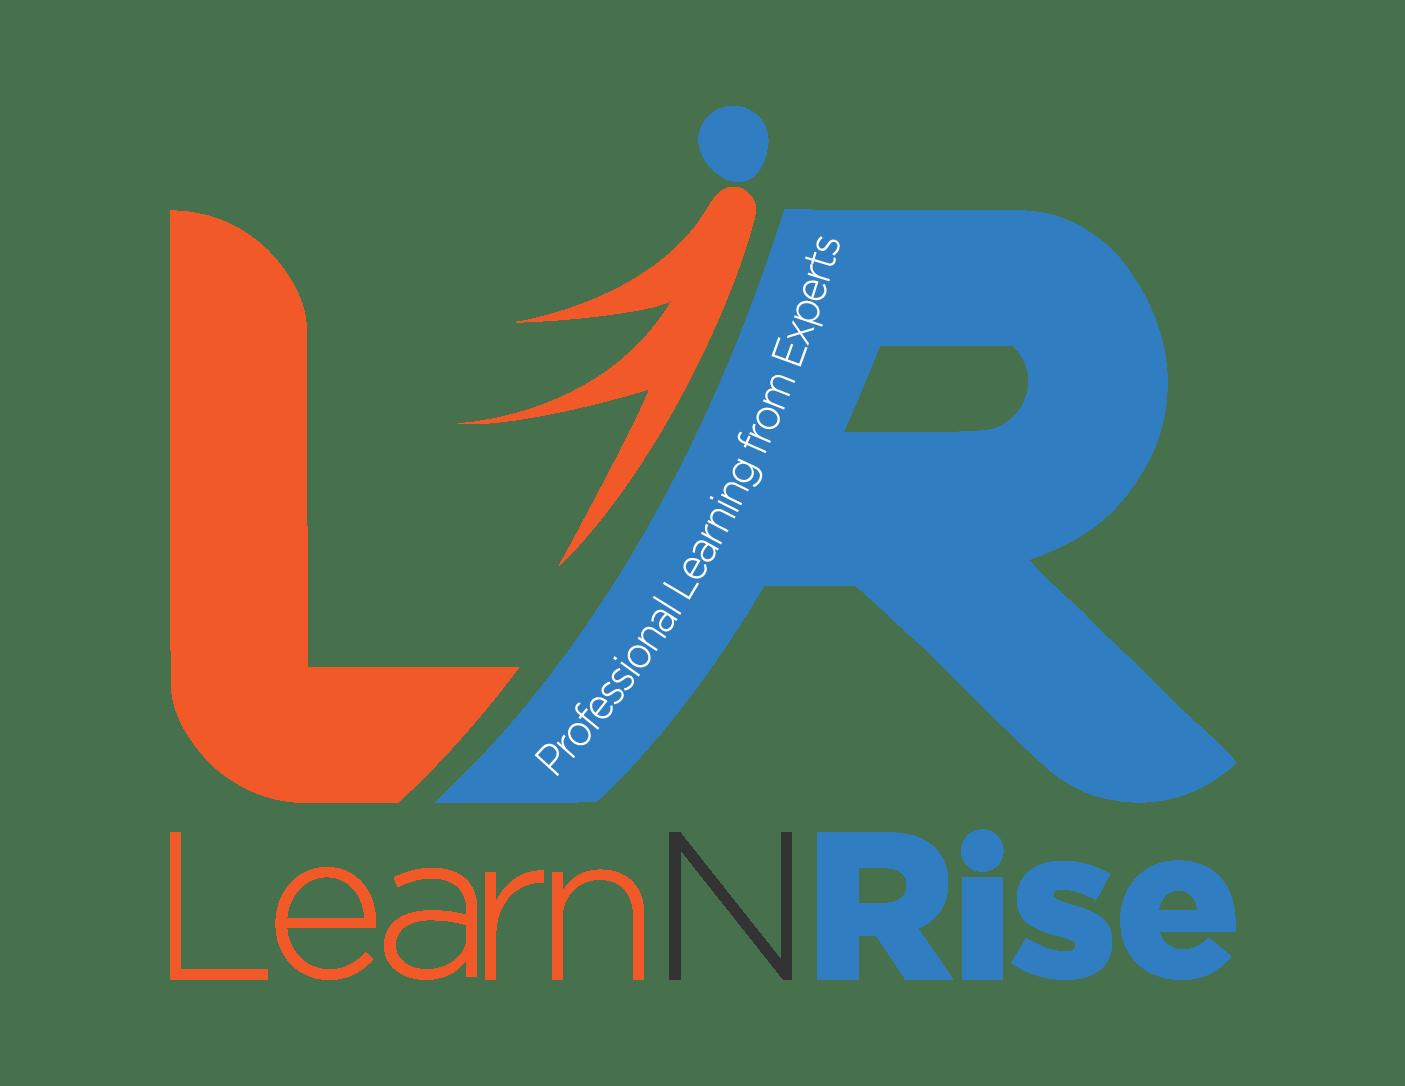 Learn N Rise